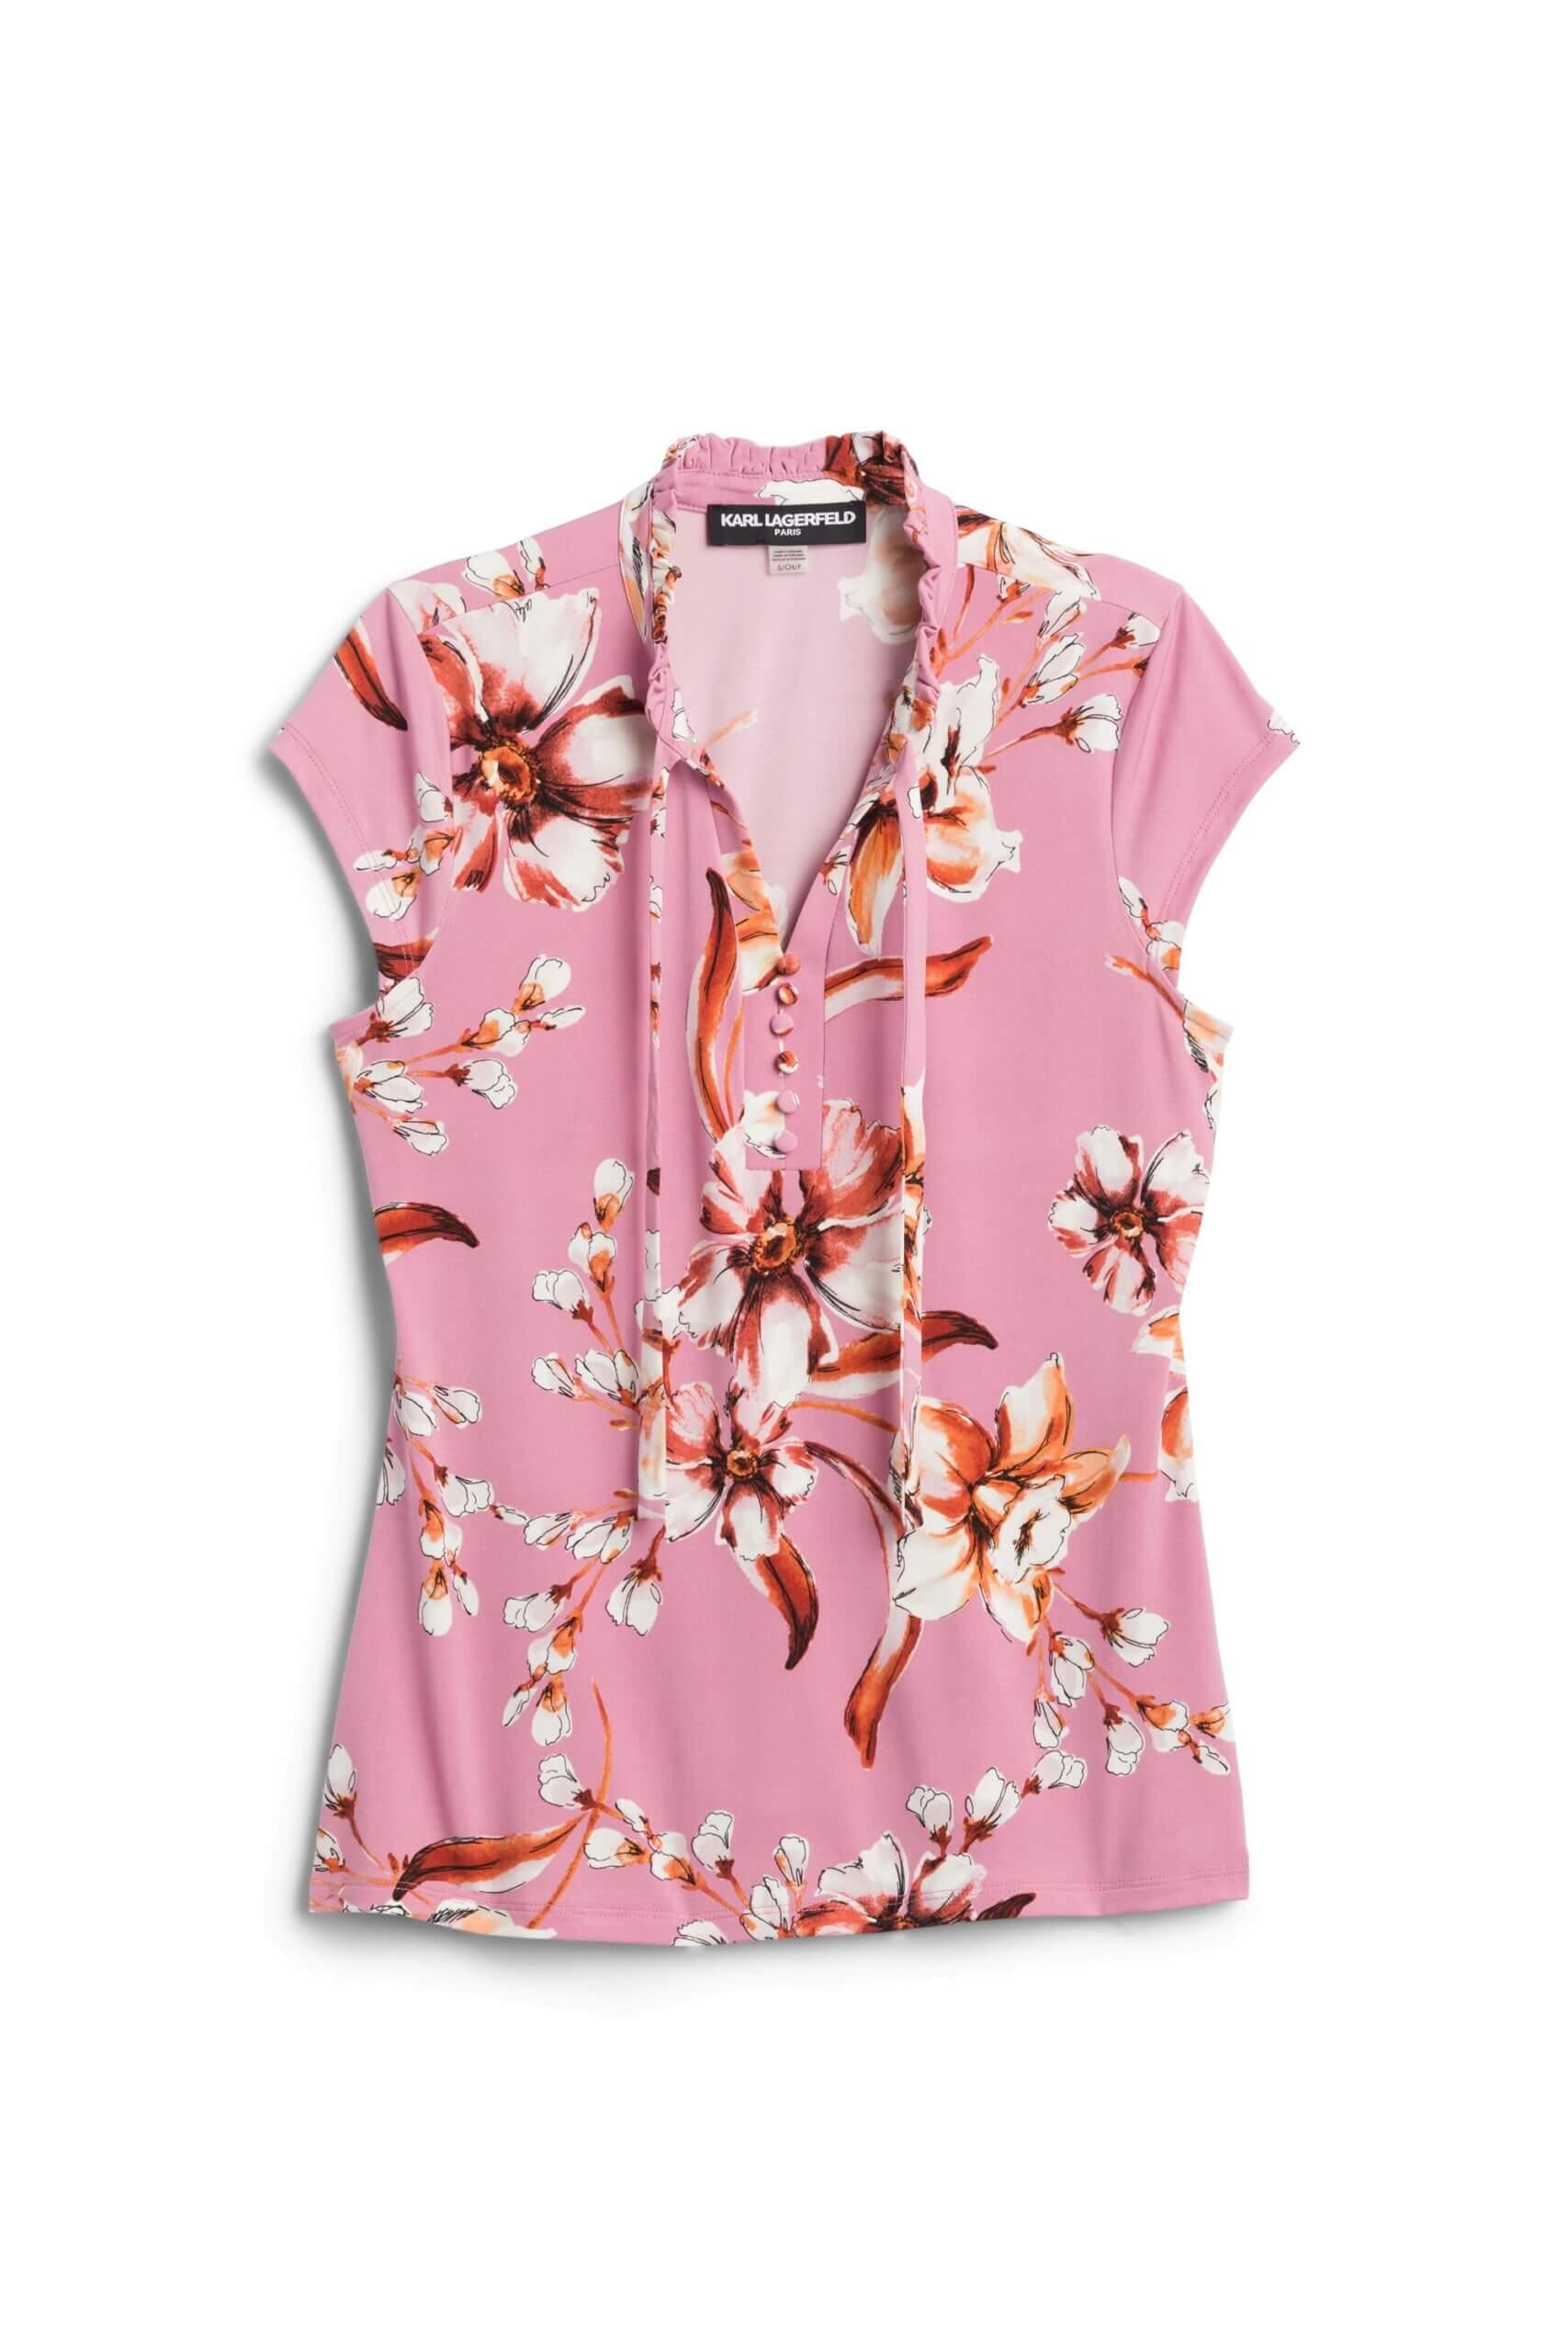 Stitch Fix Women's pink floral blouse.